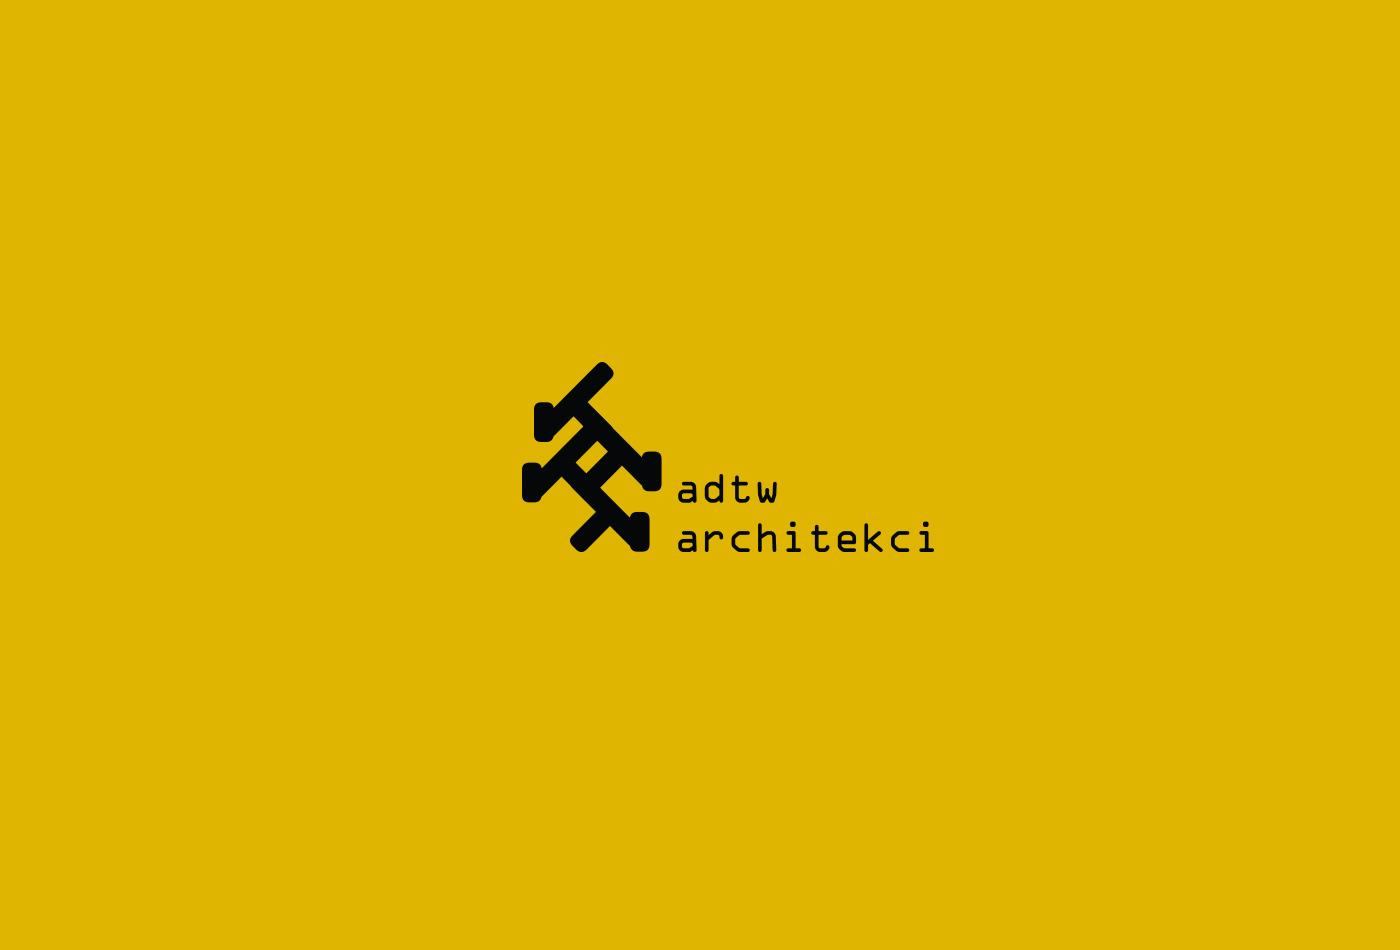 ADTW Architekci